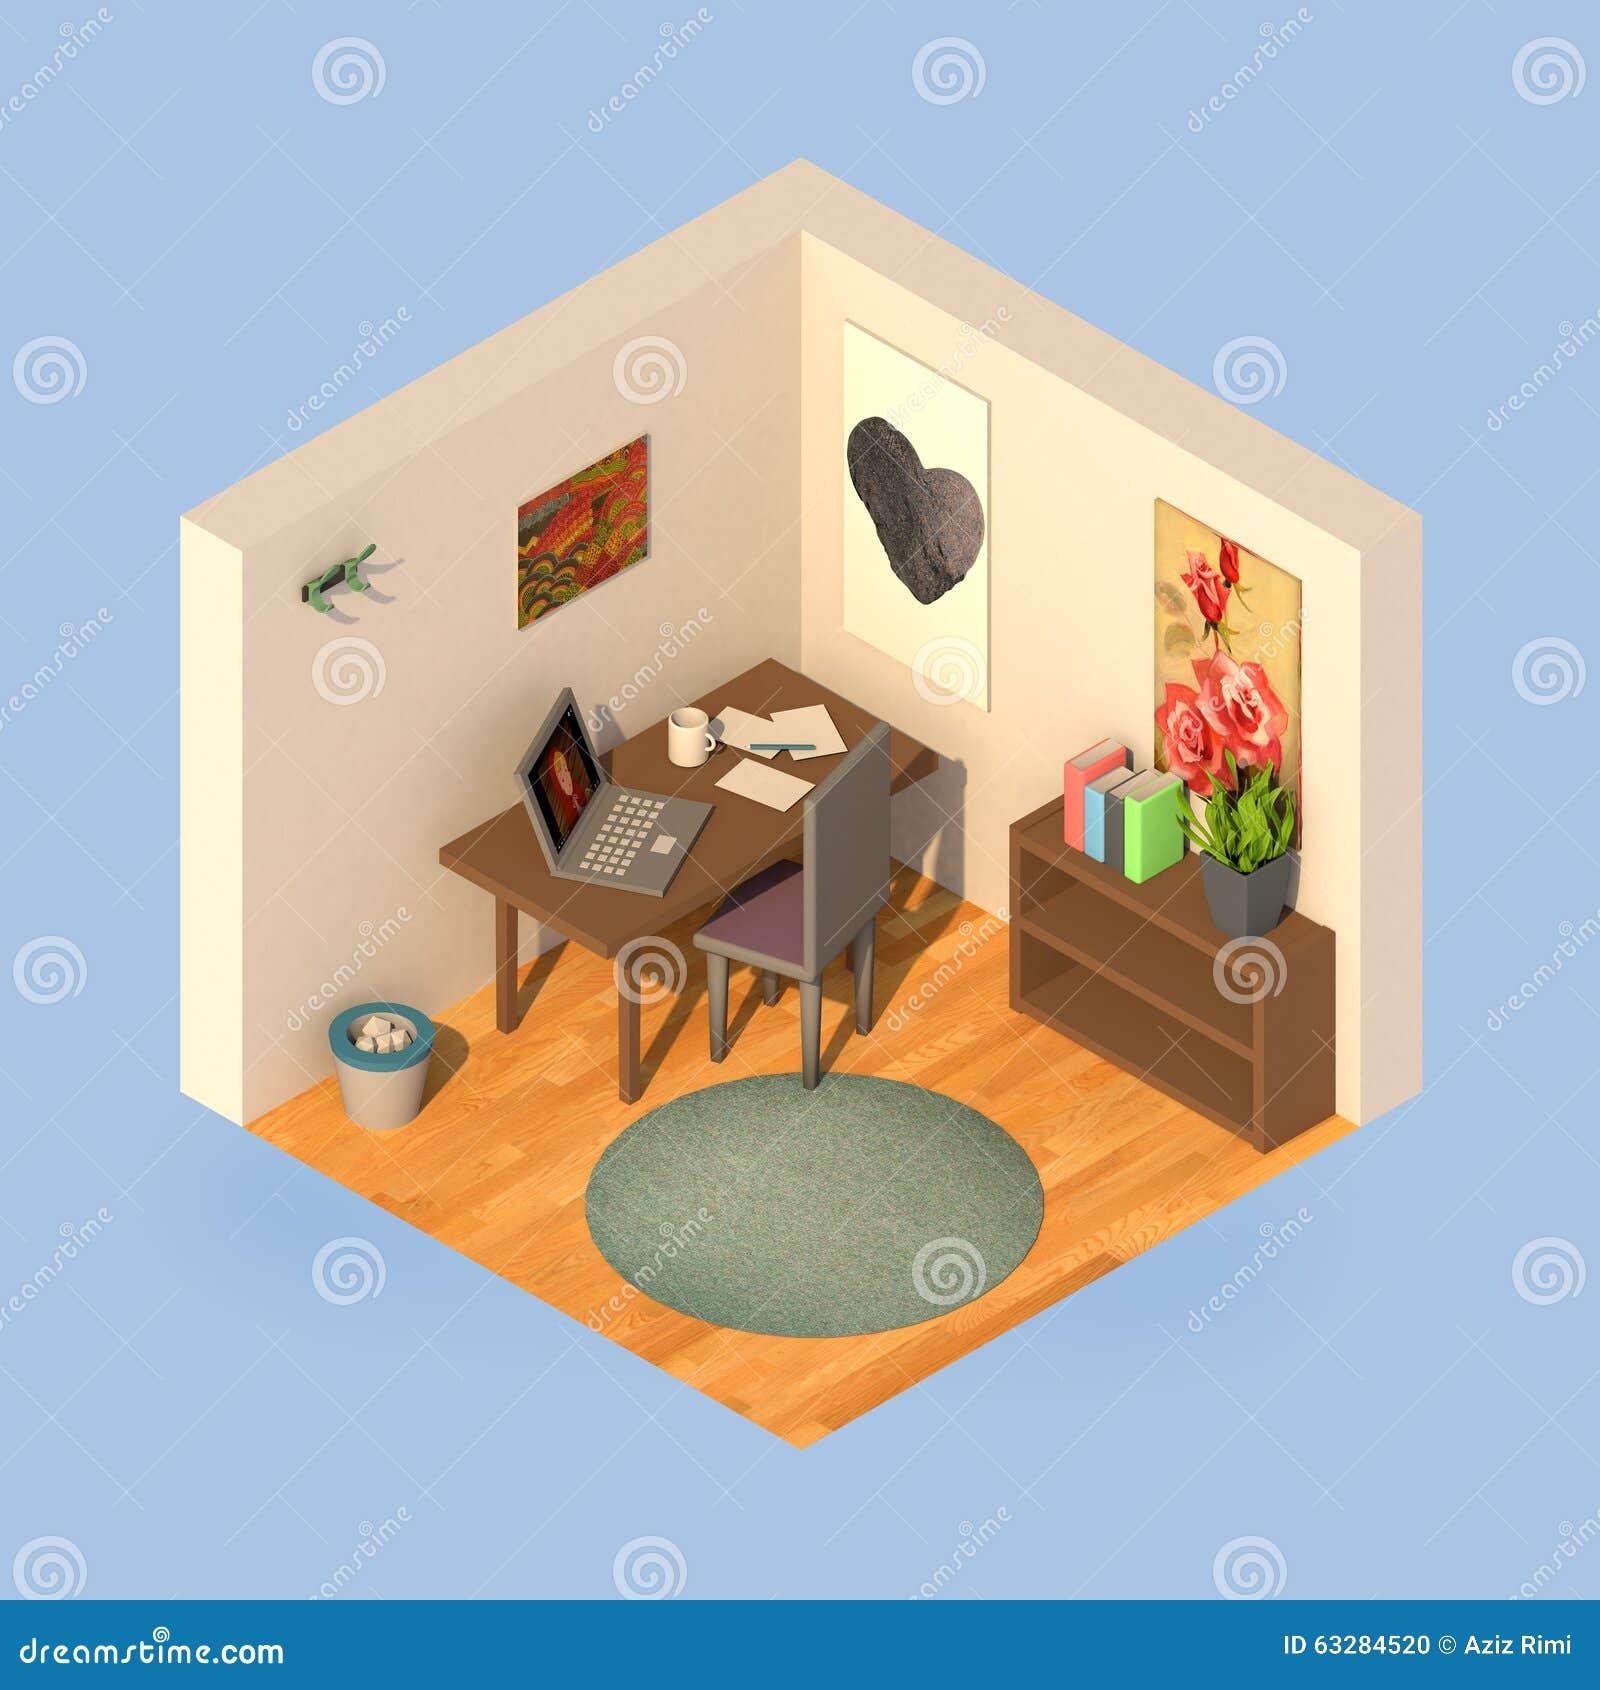 Isometric Simple Room Stock Illustration Image 63284520